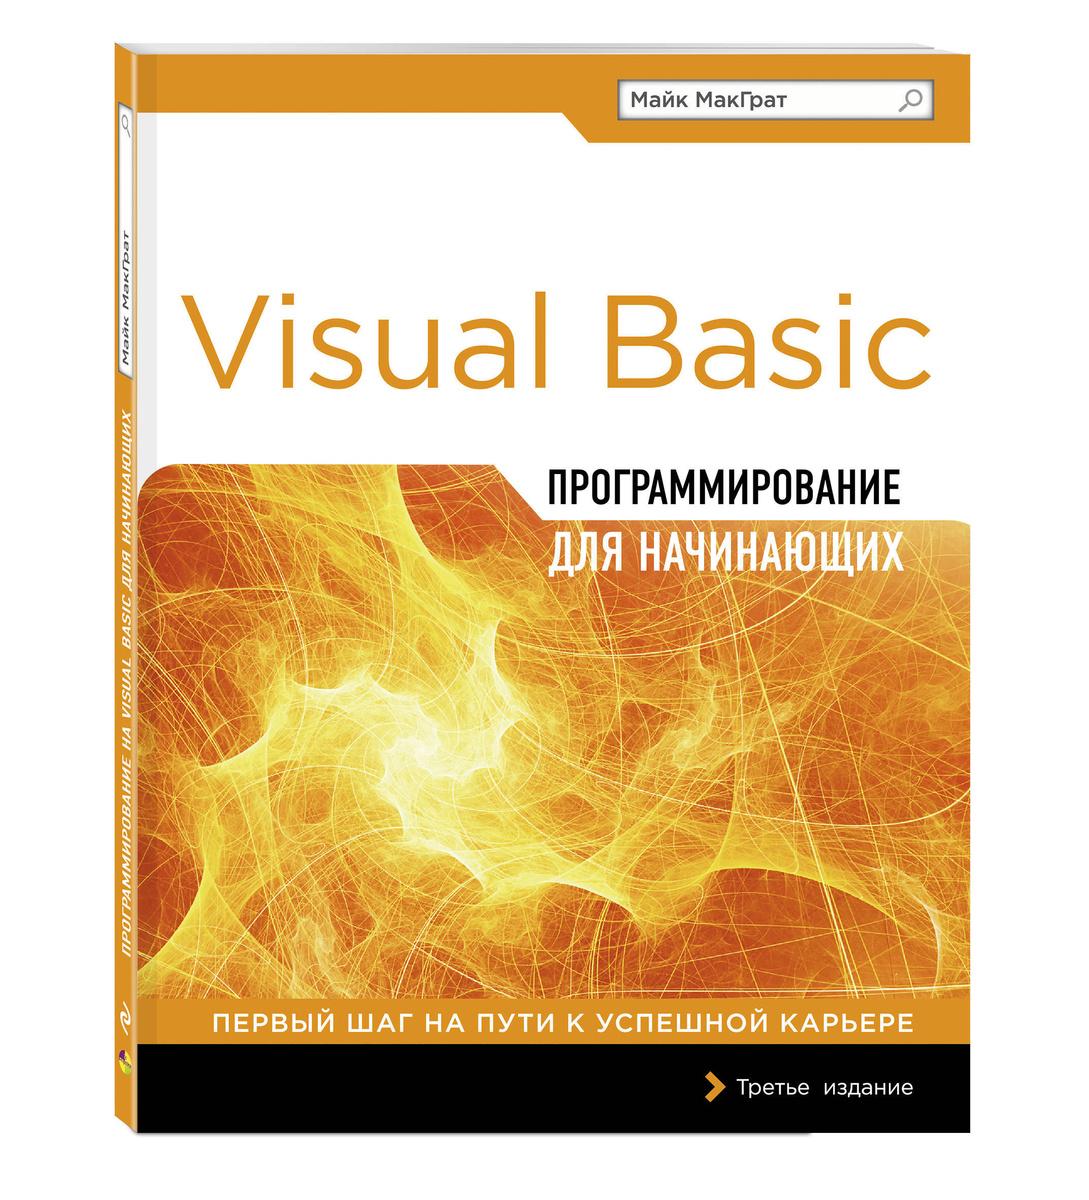 Программирование на Visual Basic для начинающих | МакГрат Майк  #1